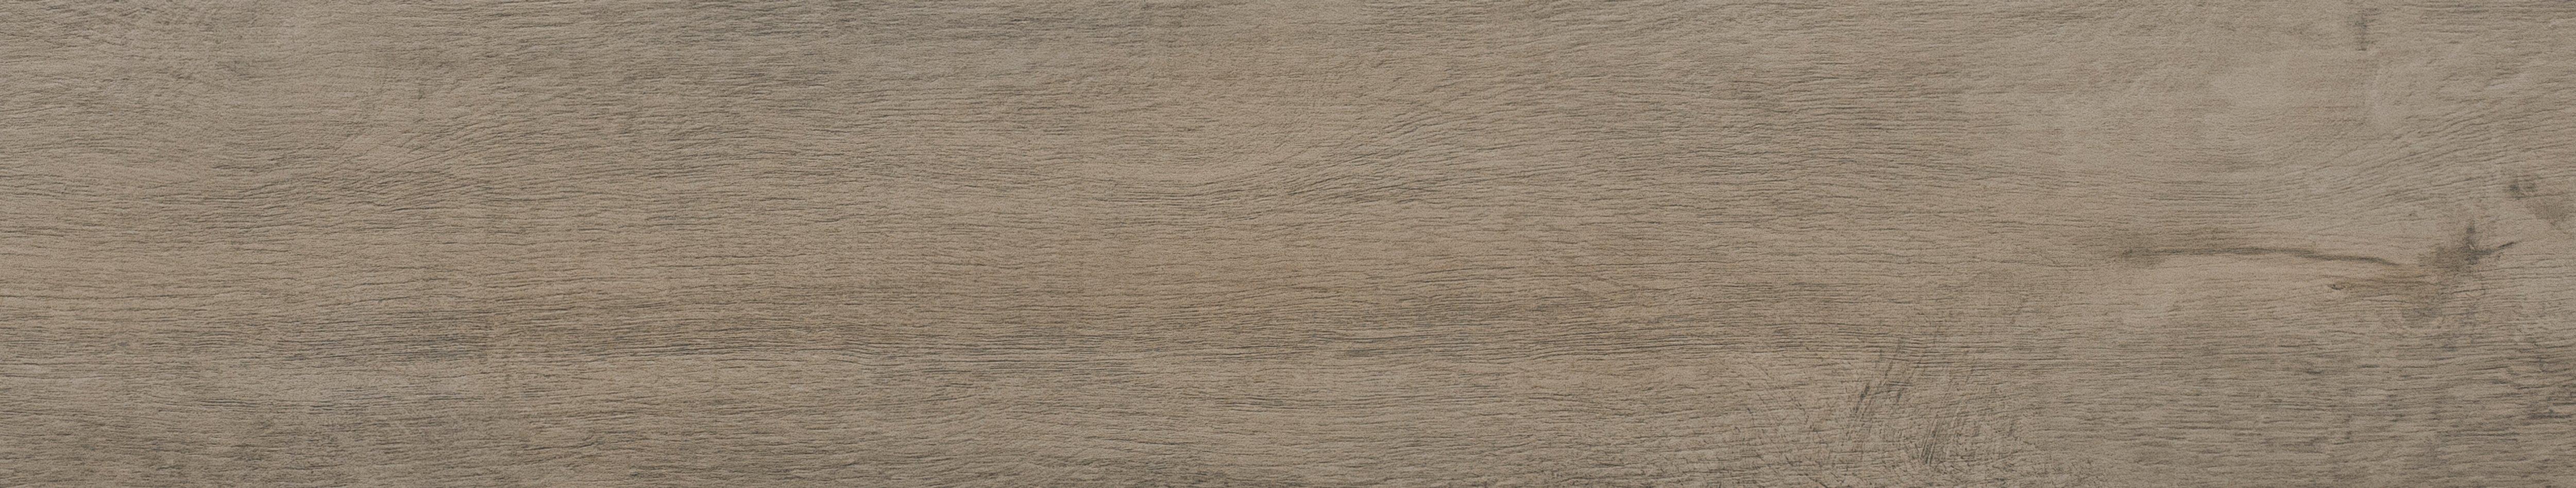 Catalea dust - dlaždice 17,5x90 hnědá